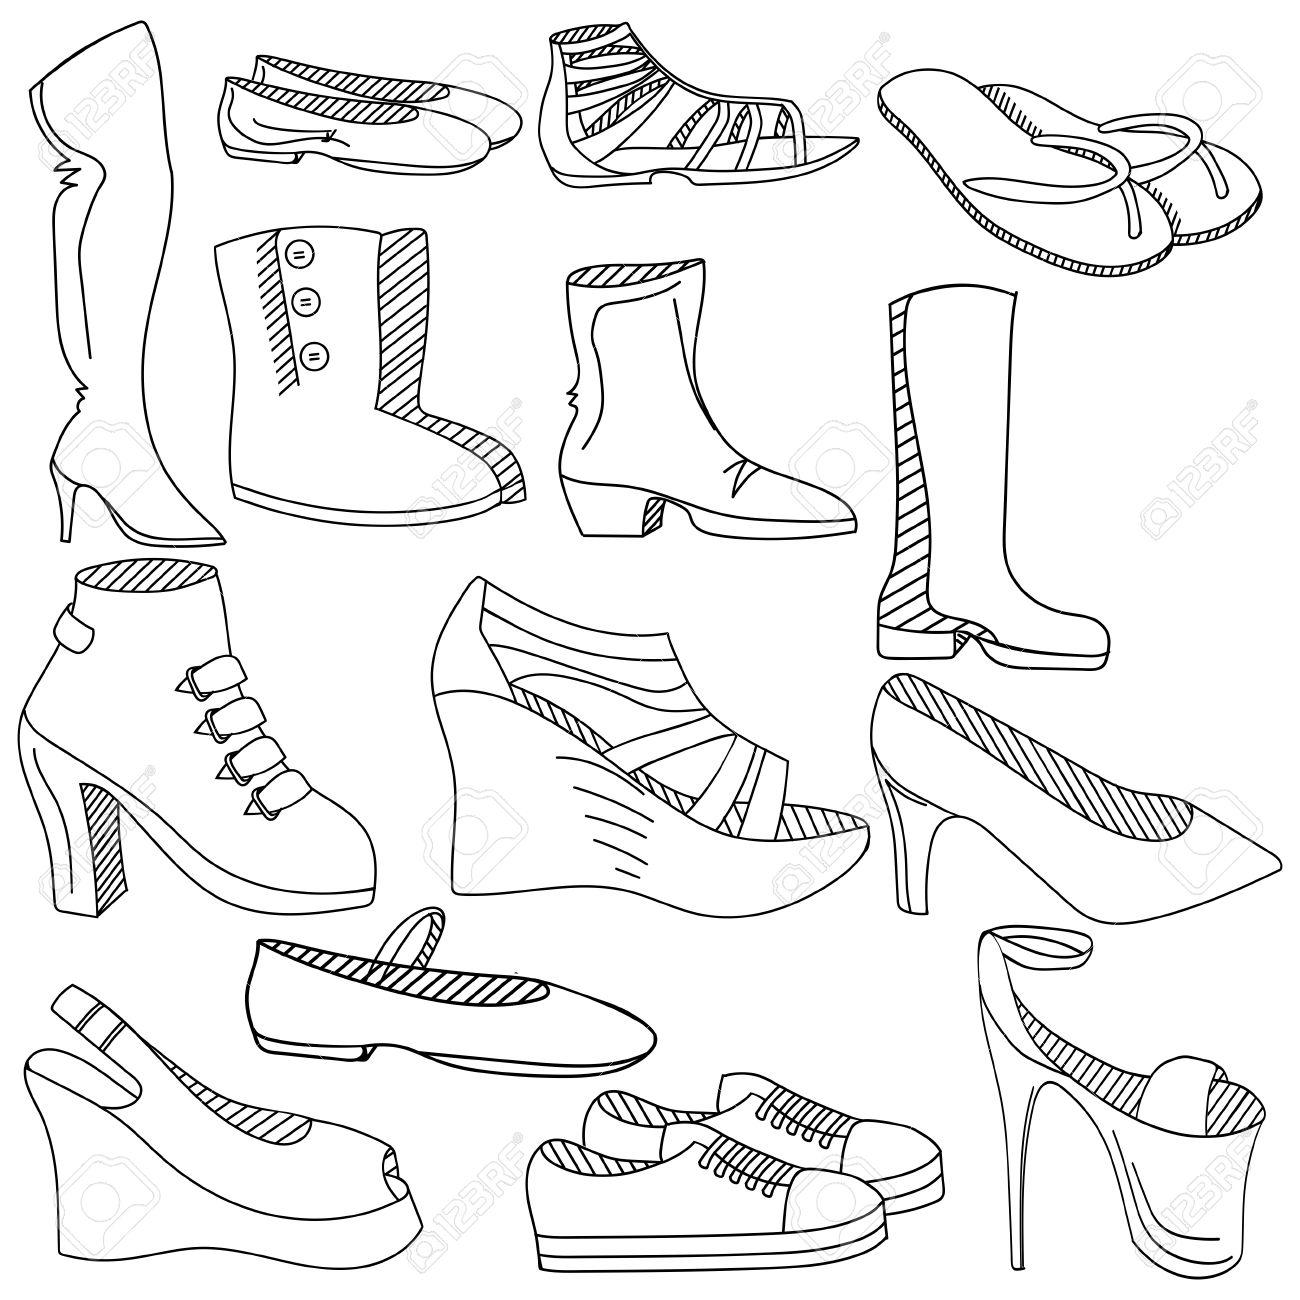 Zapatos De Las Mujeres Para Colorear Línea De Libro De Arte De La Ilustración De Diseño Vectorial Objetos Separados Dibujado A Mano Elementos De